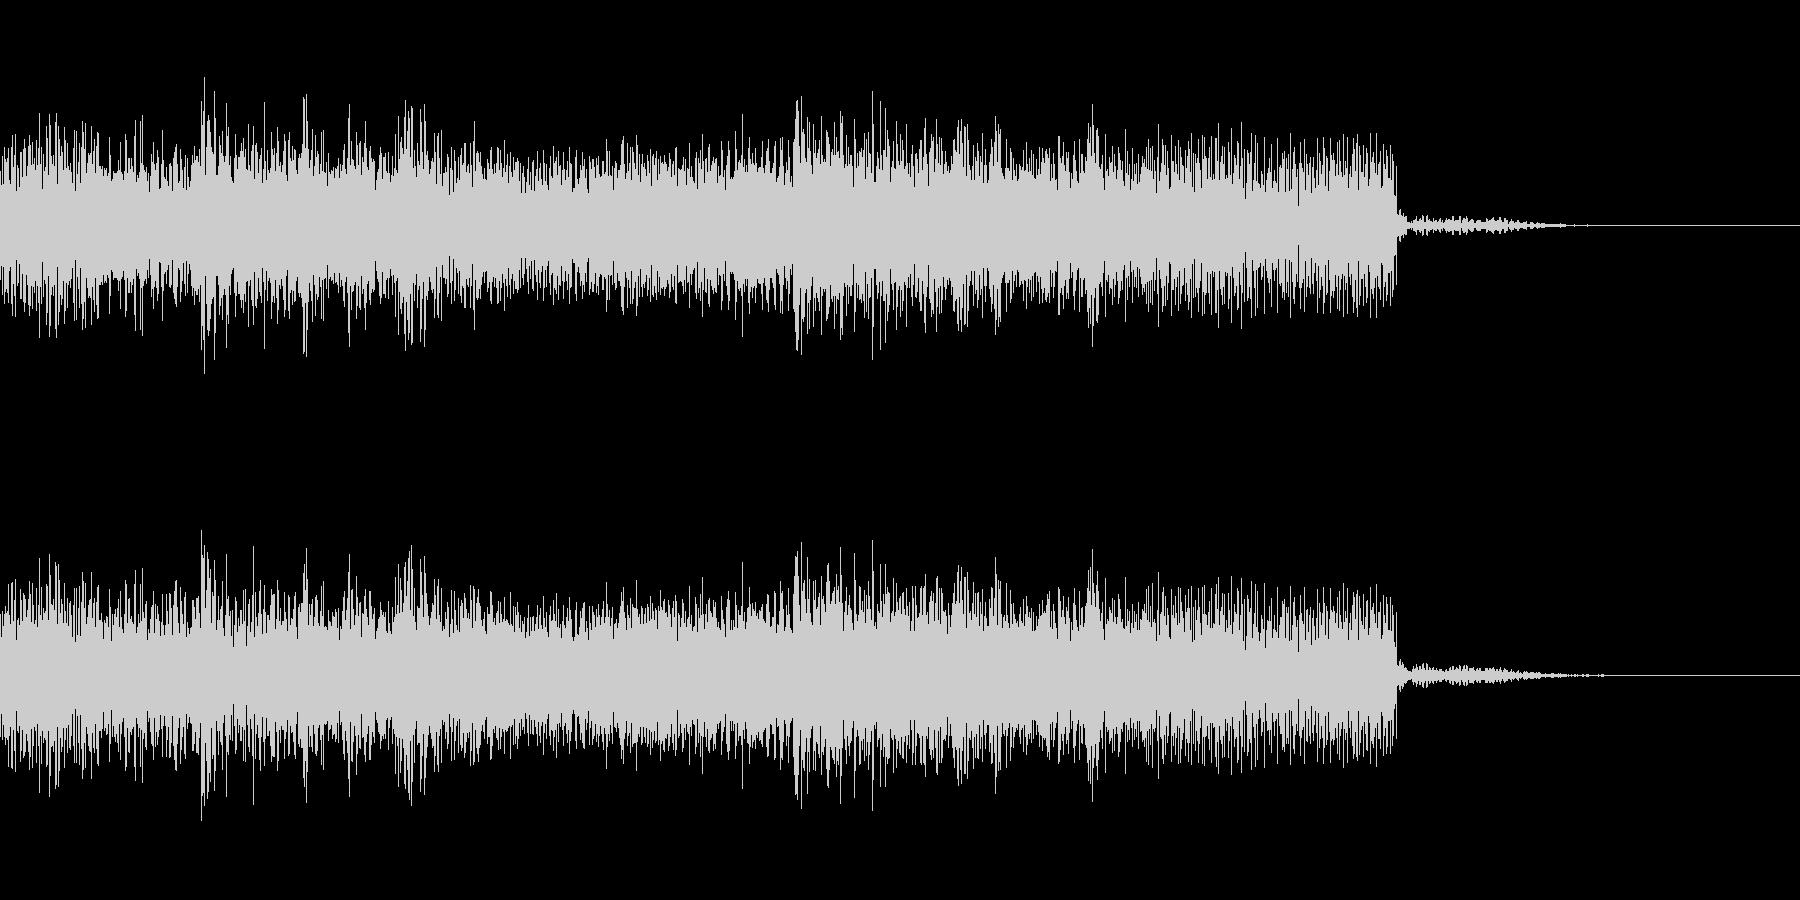 メタル系のジングル 場面転換 CMインの未再生の波形